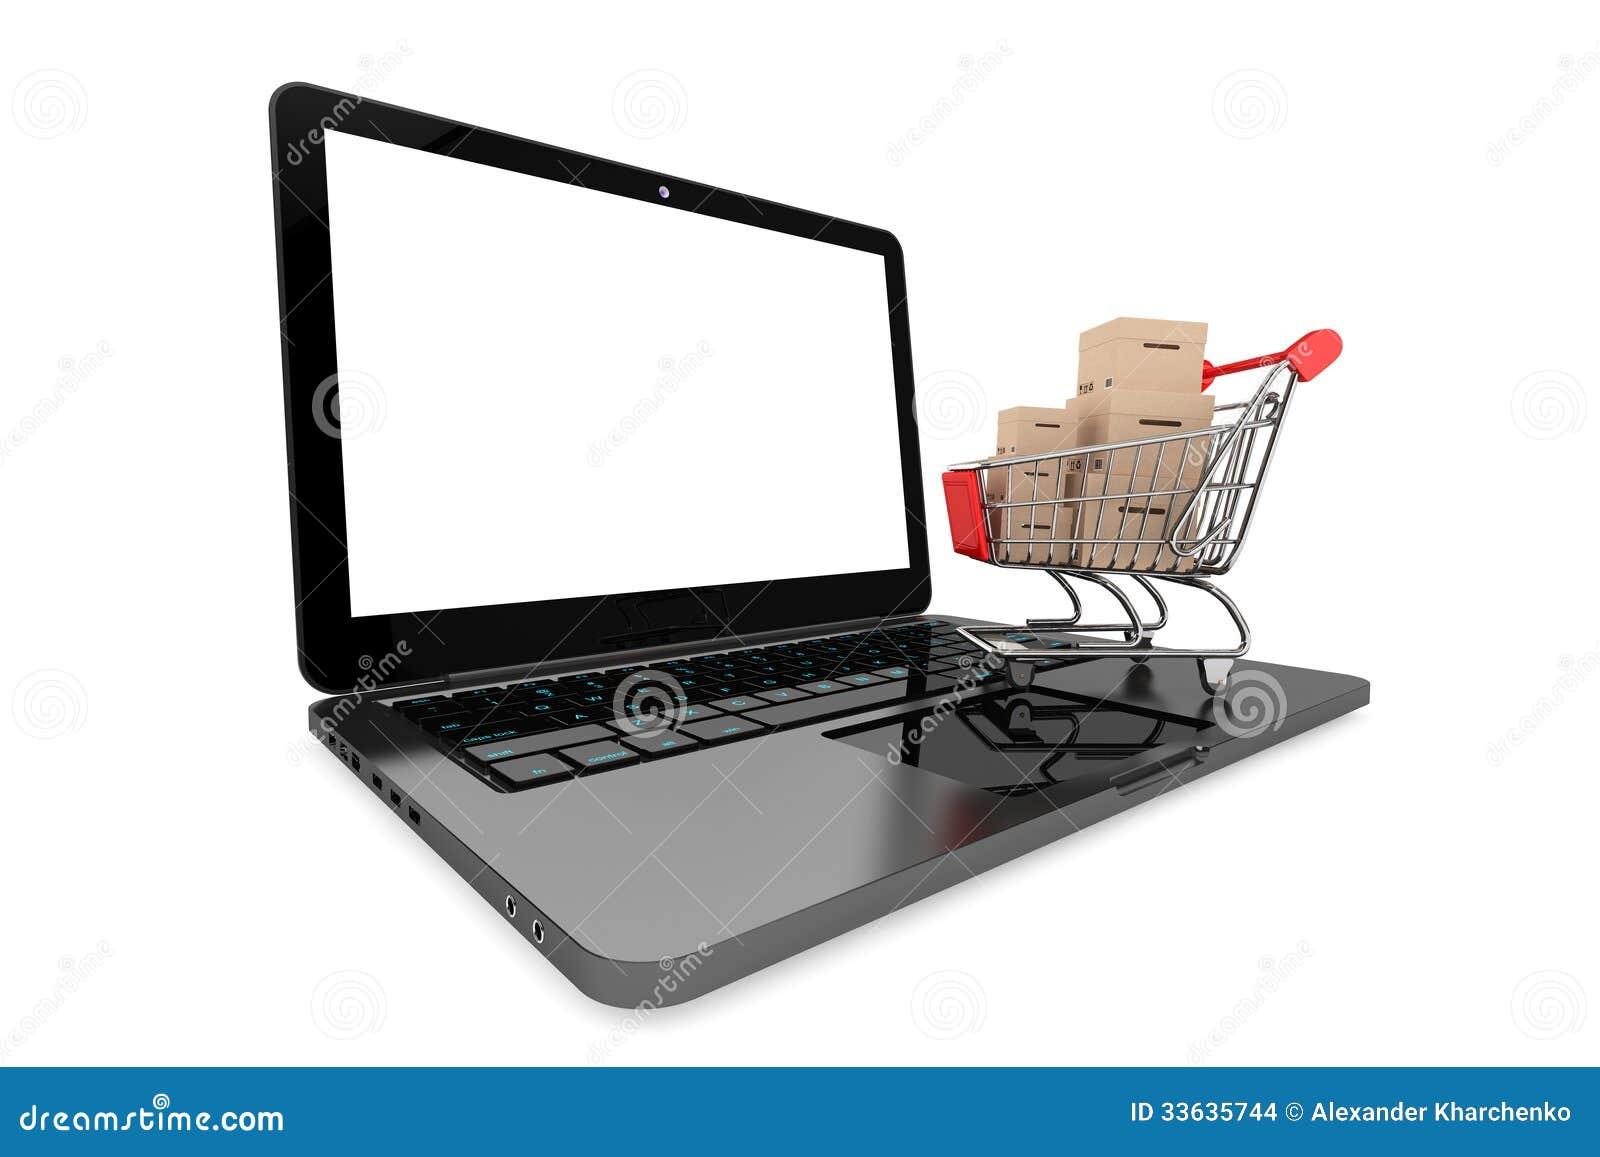 Online Shopping Hub   Laptops